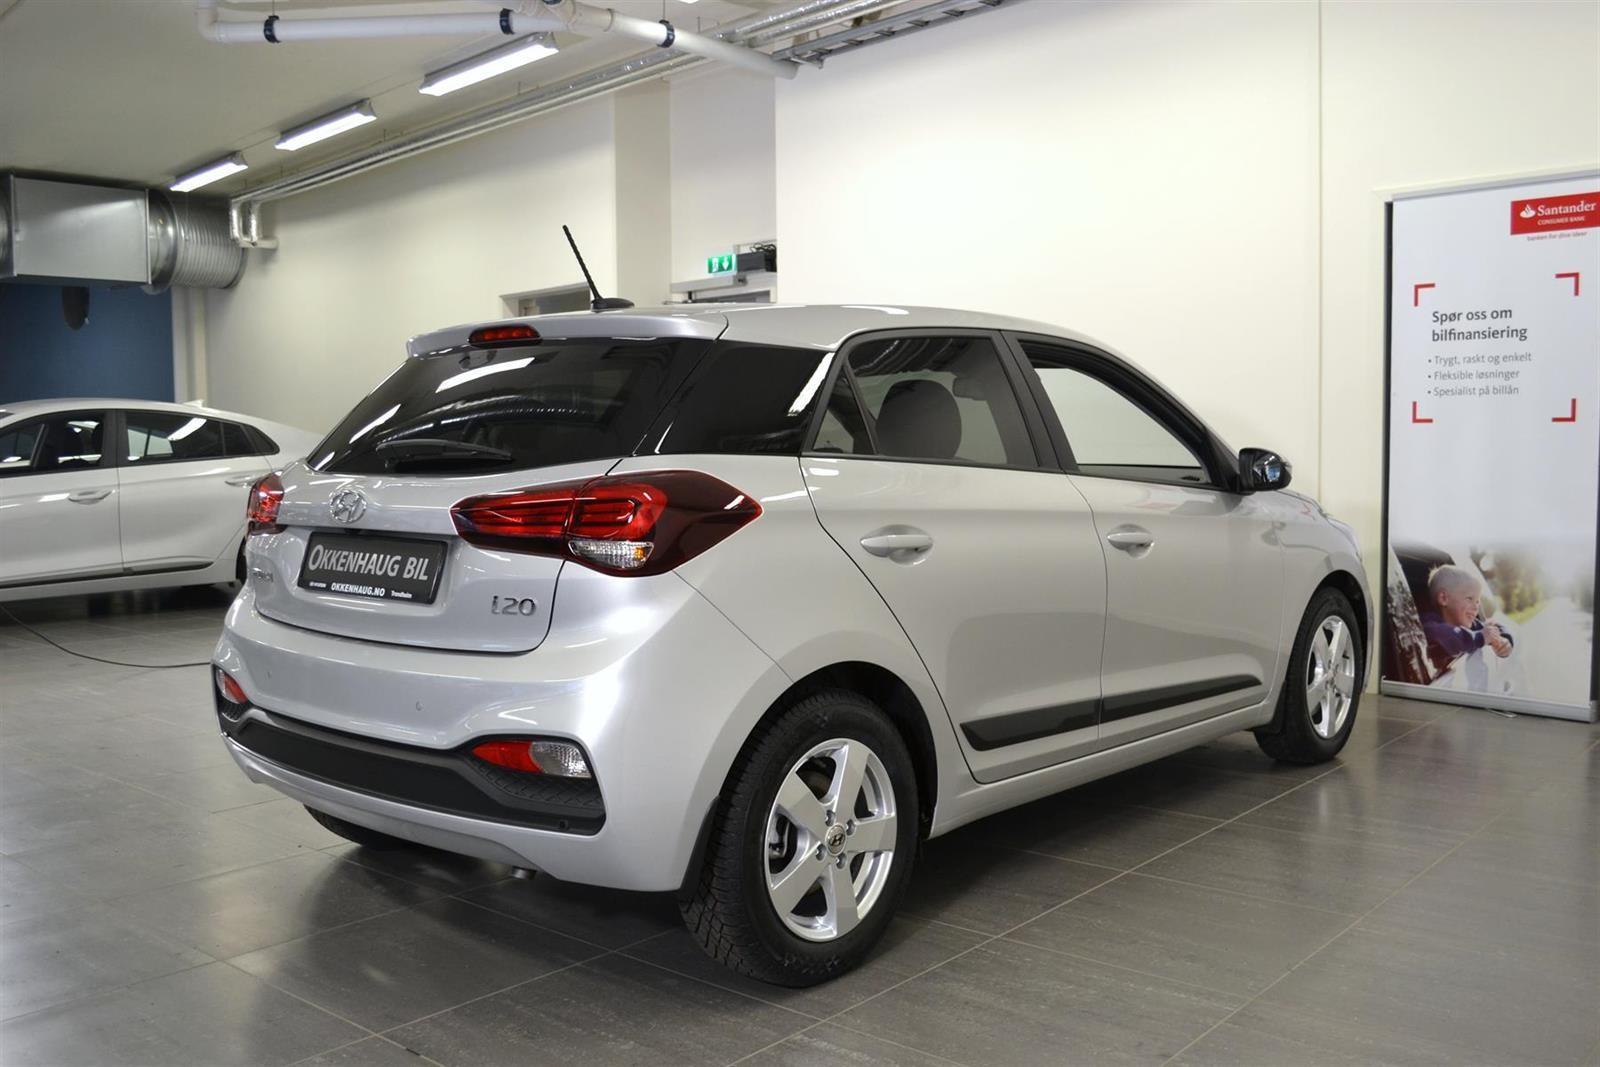 Hyundai i20 Slide 5